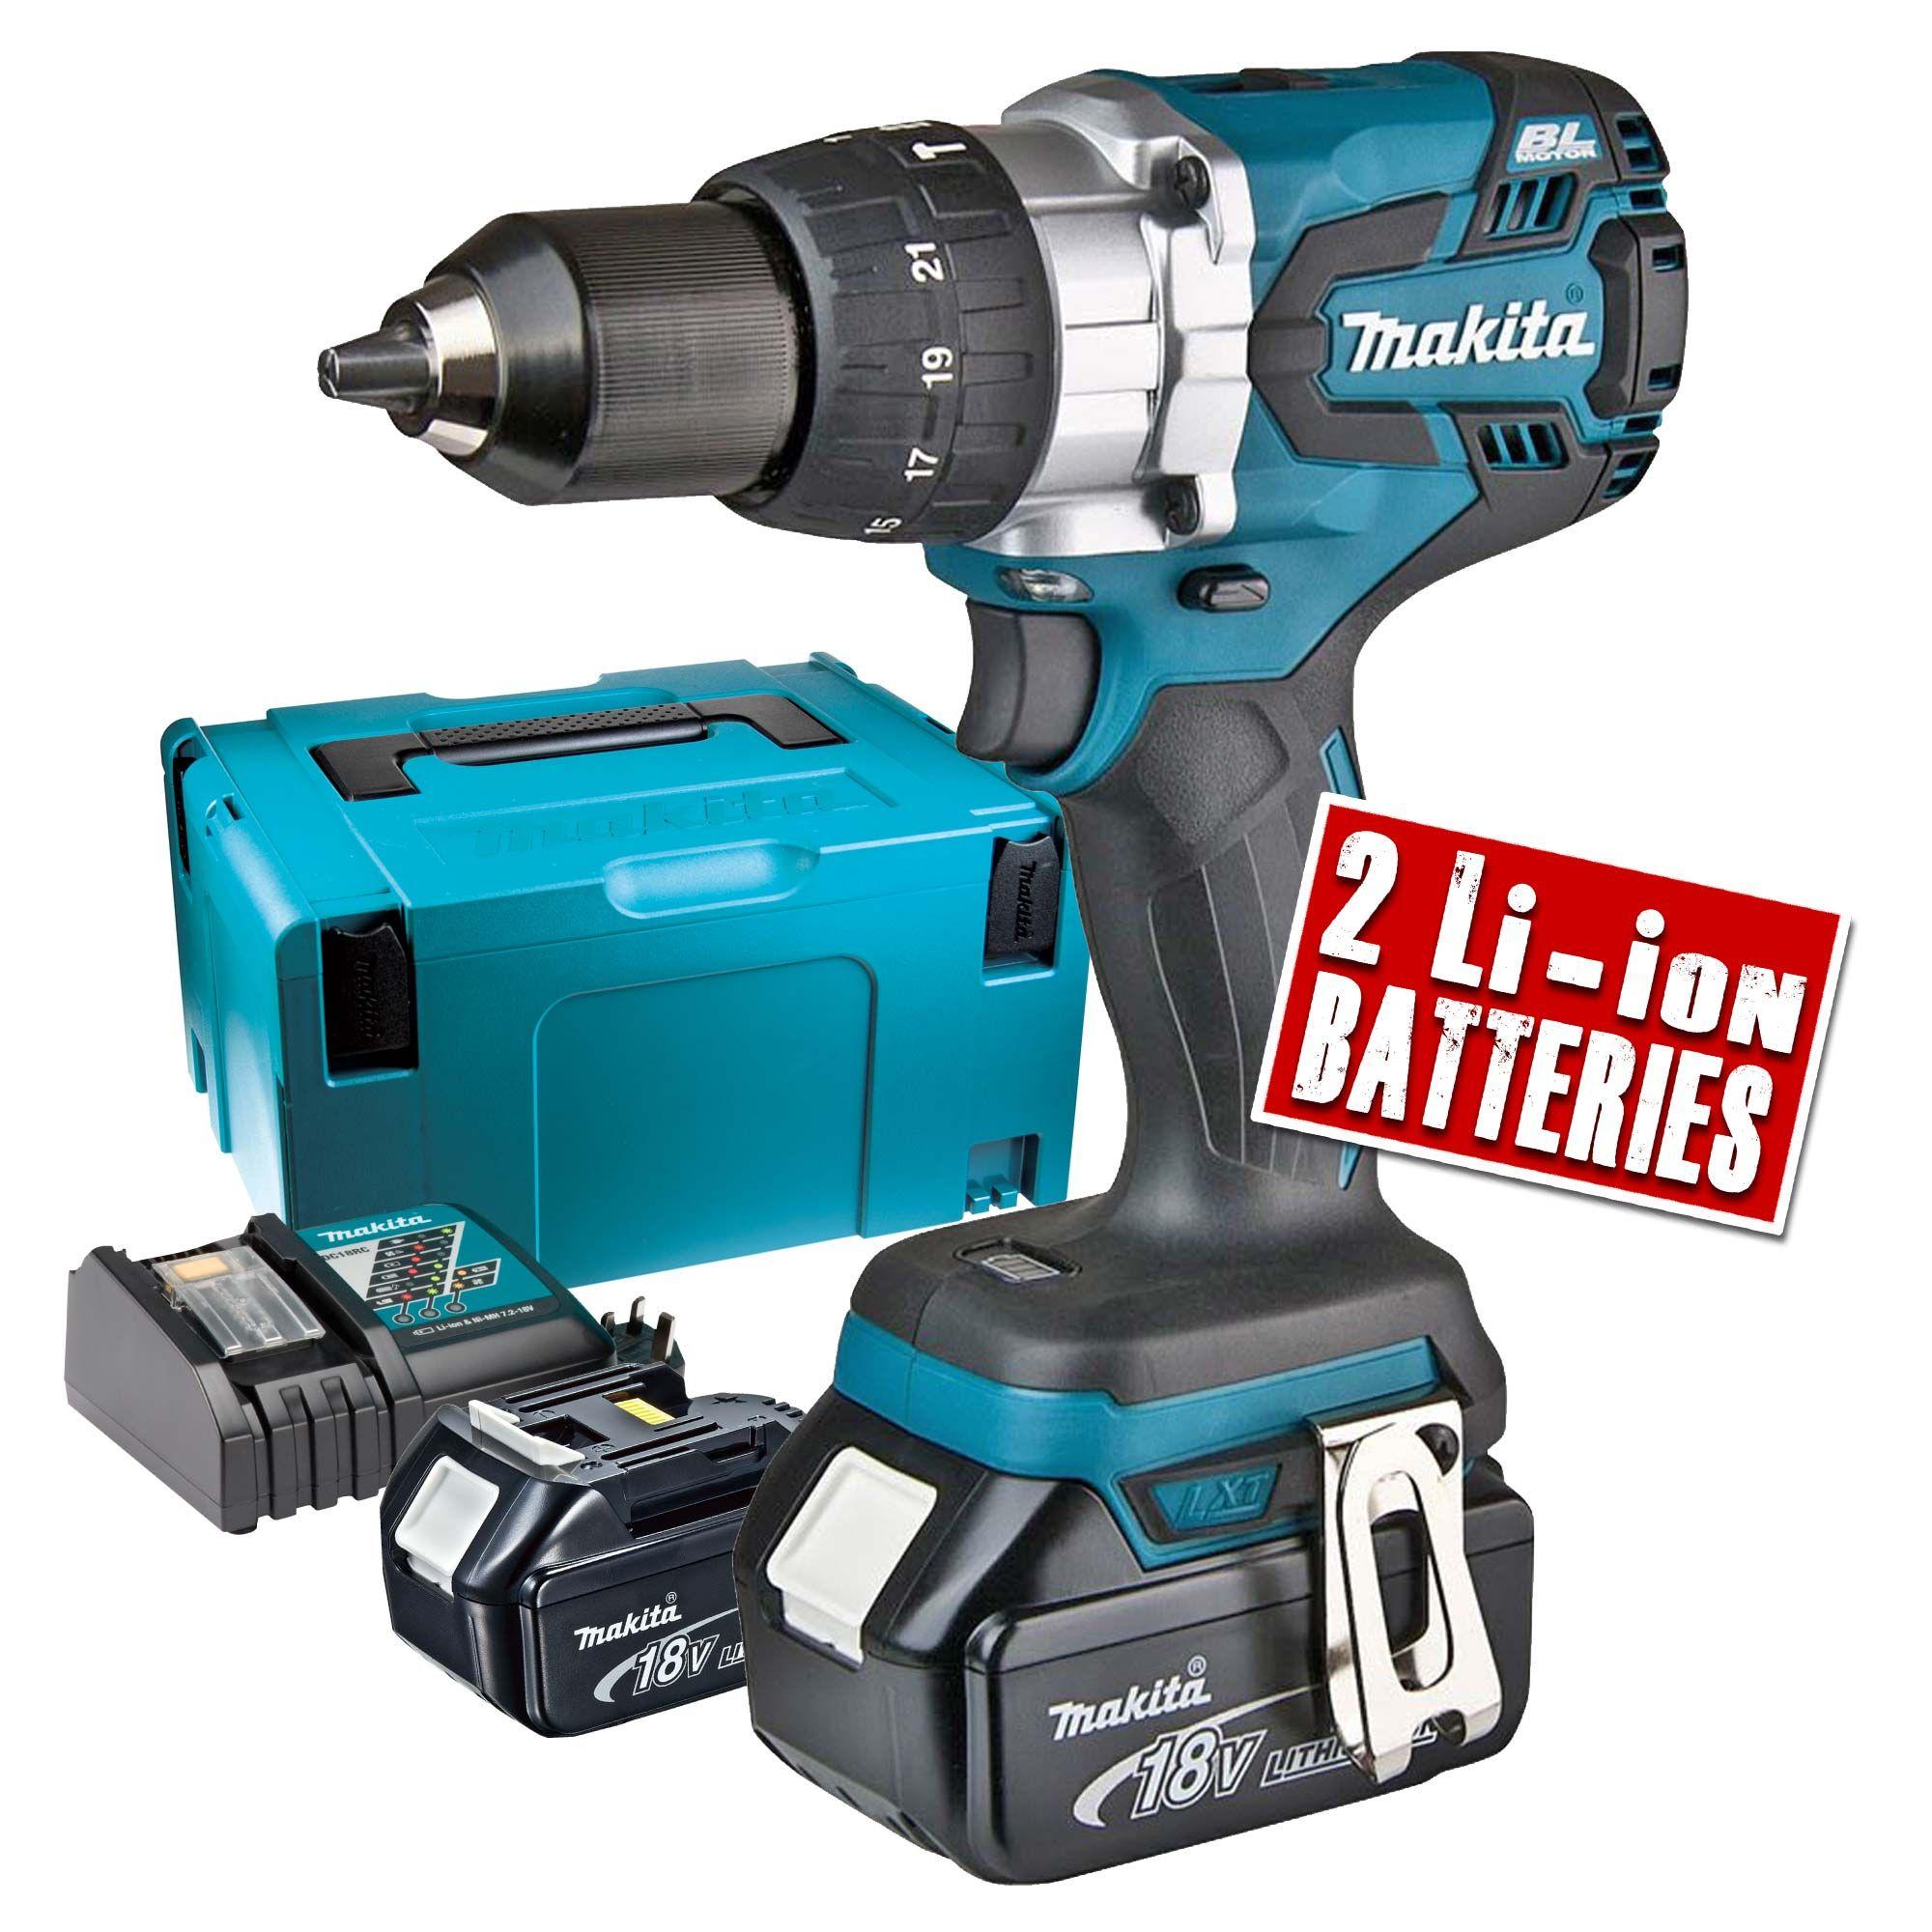 Makita Dhp481rtj 18v Li Ion Brushless Combi Drill Tools